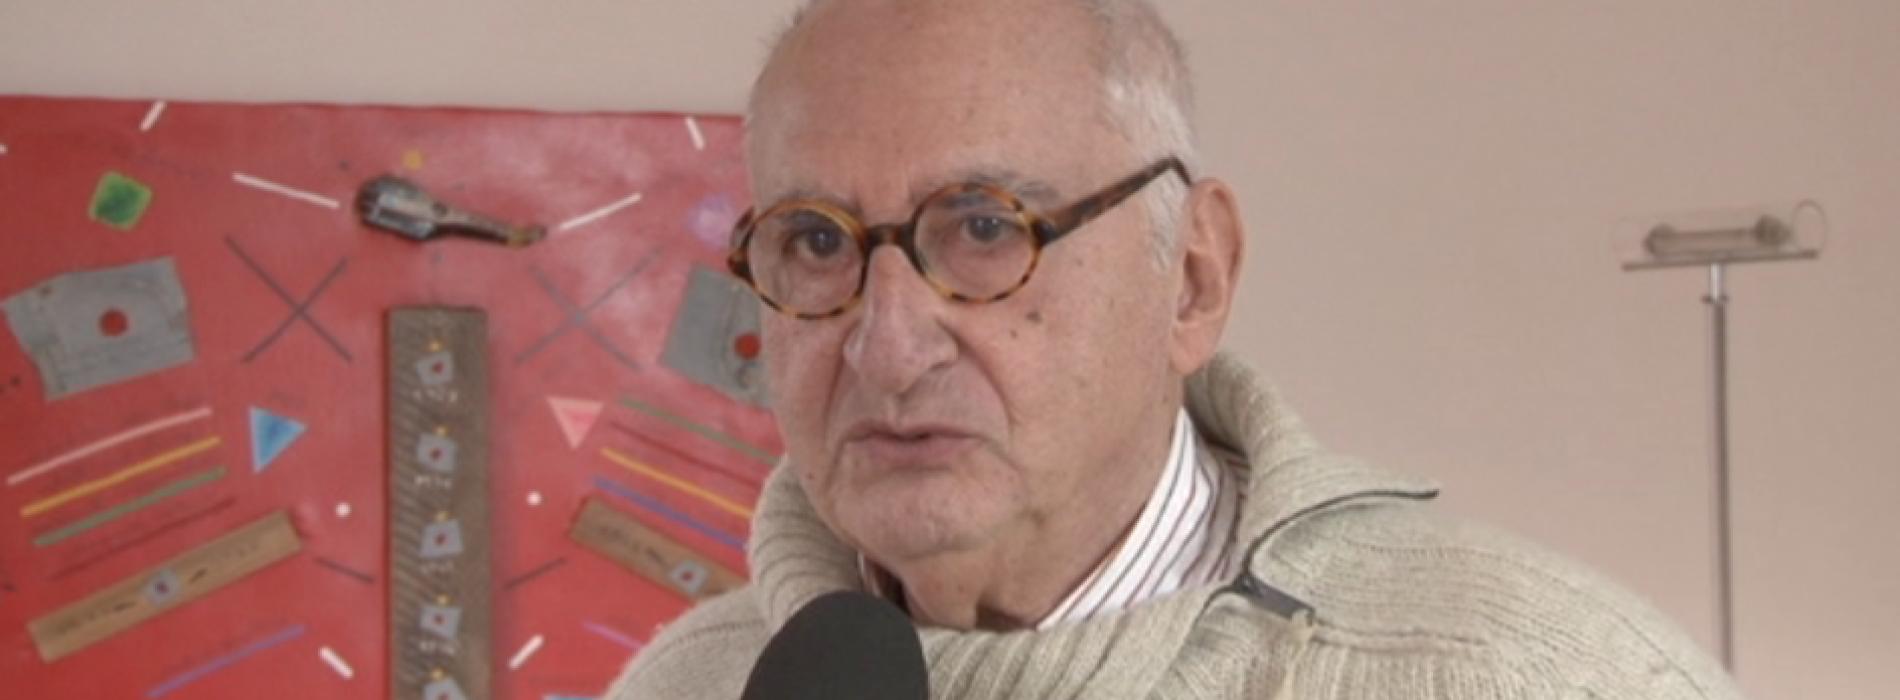 Buon compleanno al maestro Donzelli, a maggio alla Biennale